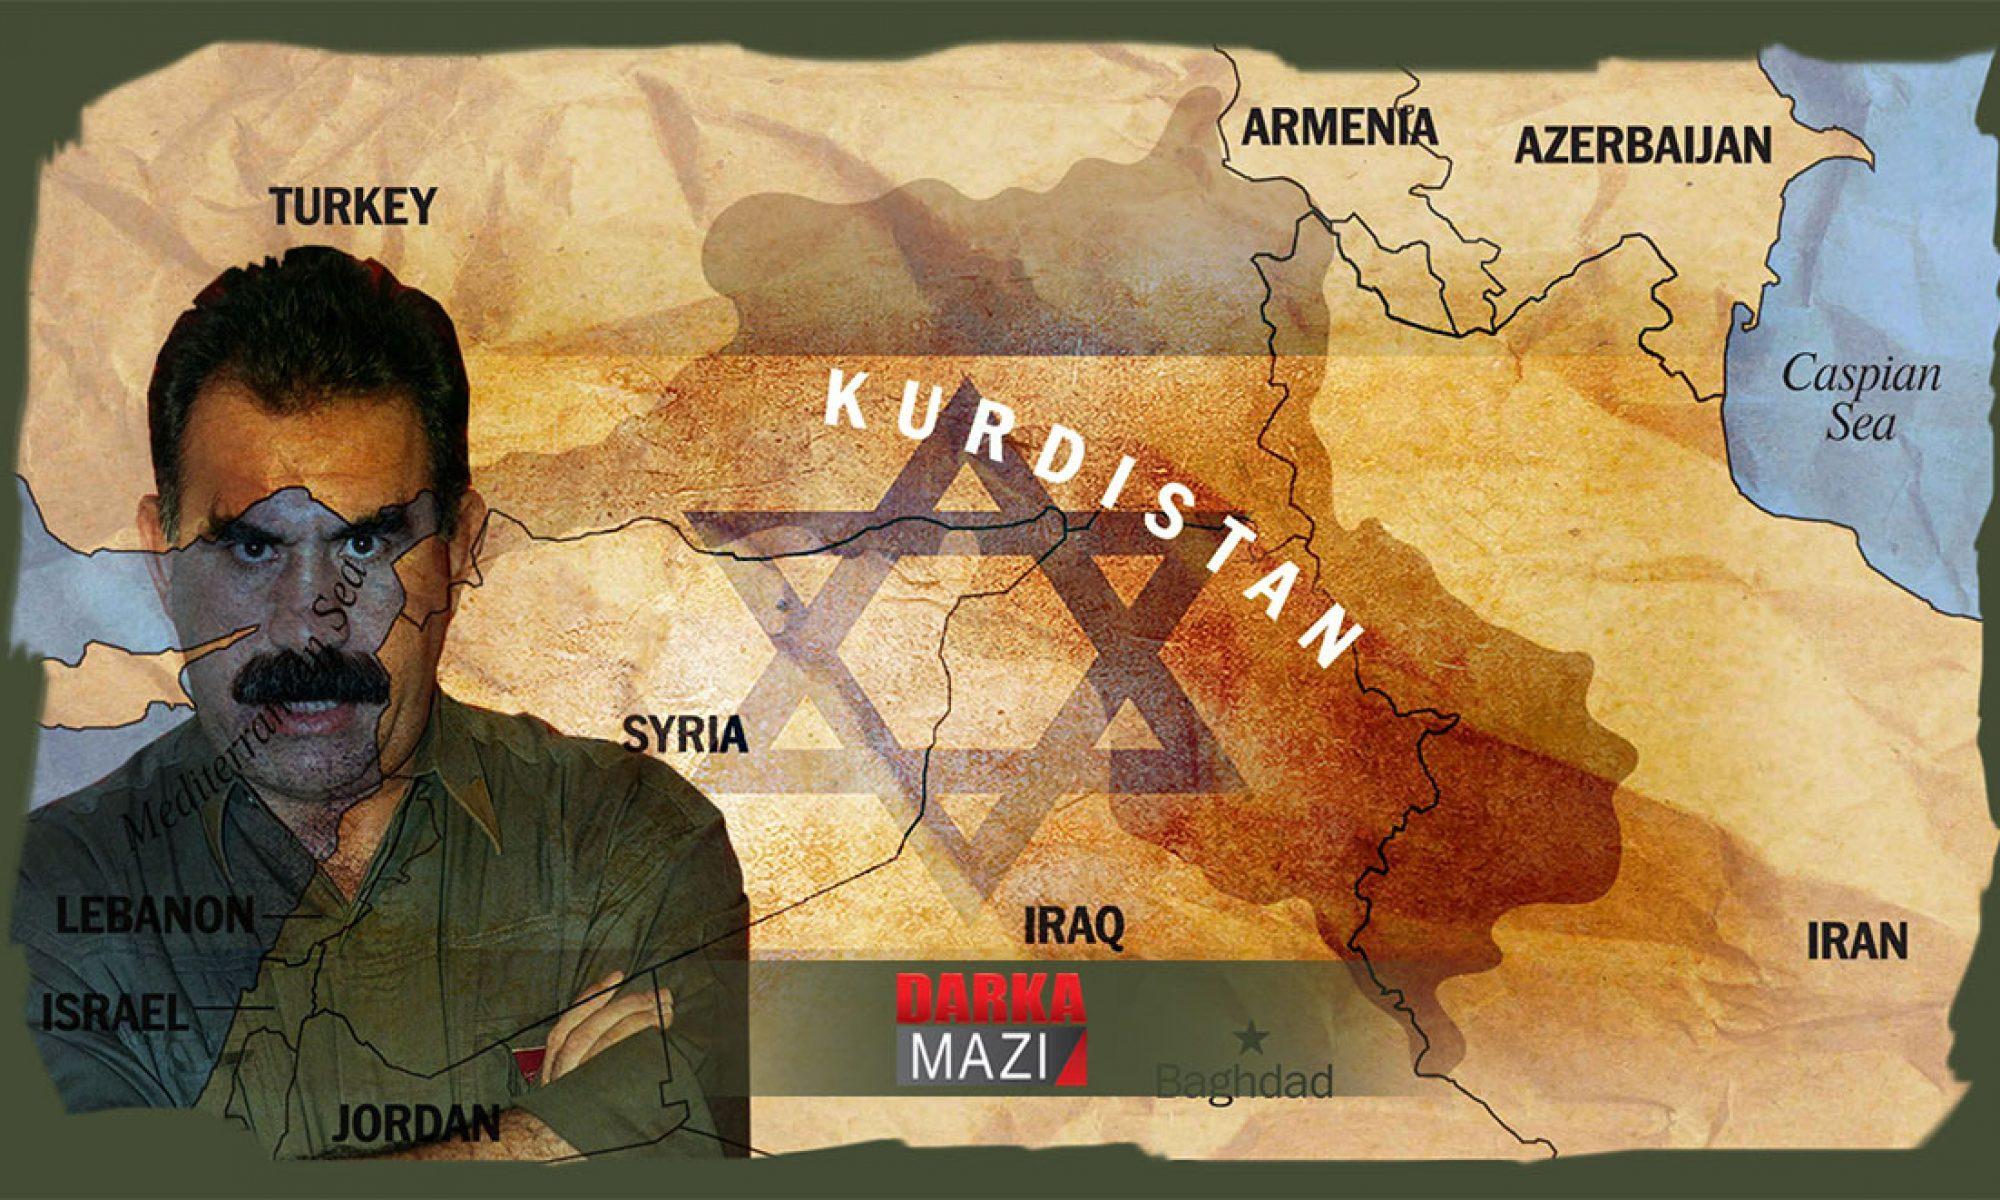 Abdullah Öcalan'ın Türkiye'ye geldiği 15 Şubat öncesi ve sonrası yaşananların özeti Kenya, Şam, Yunanistan, rusya, Yalçın Küçük, Doğu Perinçek, Kürdistan, Saddam, ortadoğu, 21.yüzyıl Şahin Cilo Mazlum Abdi, Kani Yılmaz,